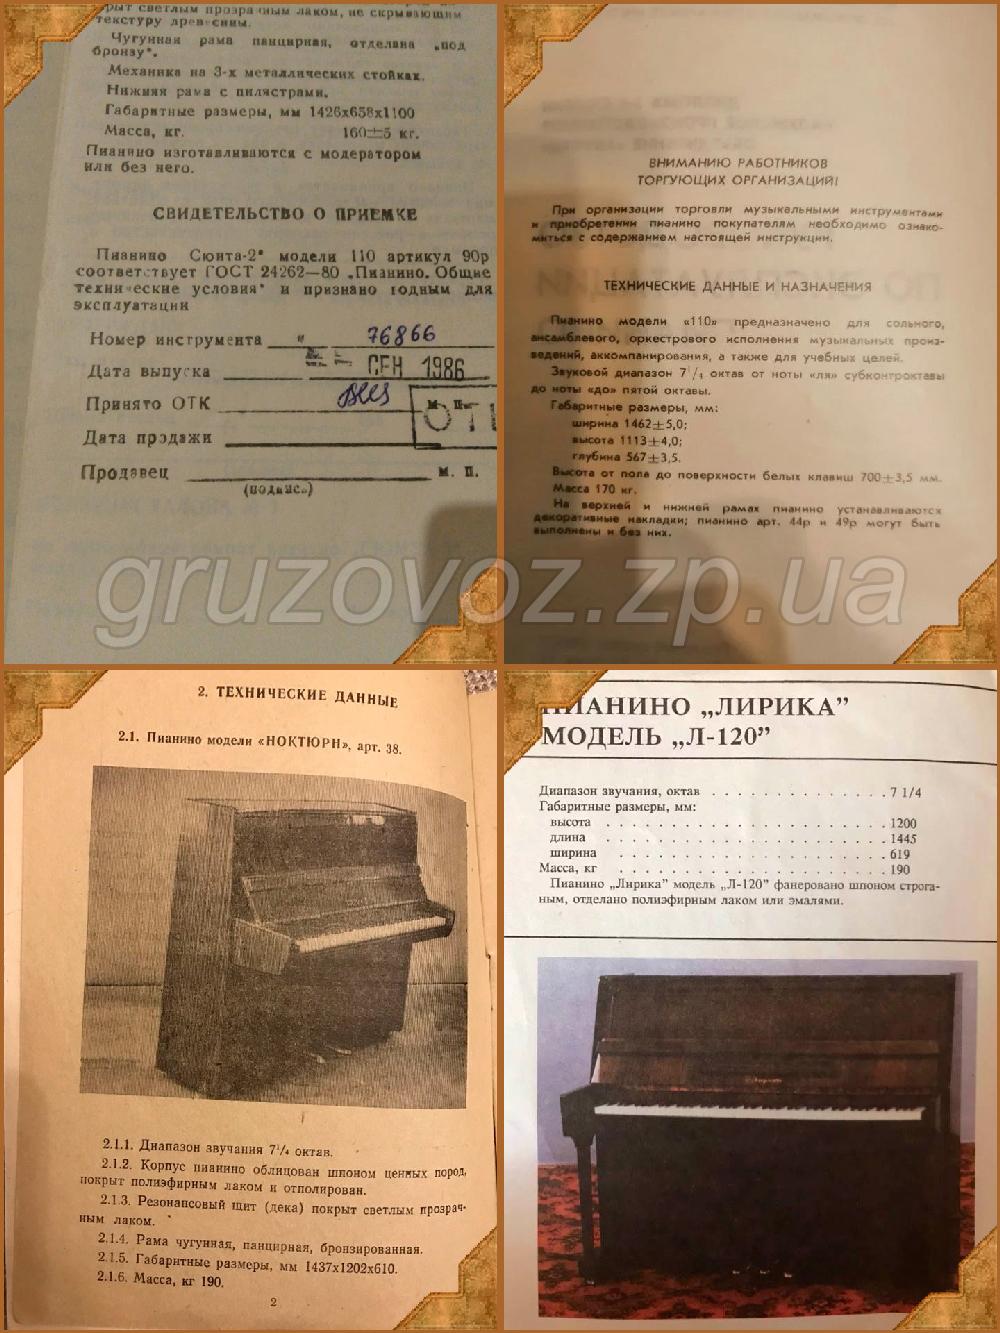 вес пианино, вес пианино кг, размер пианино, габариты пианино, пианино запорожье, паспорт пианино